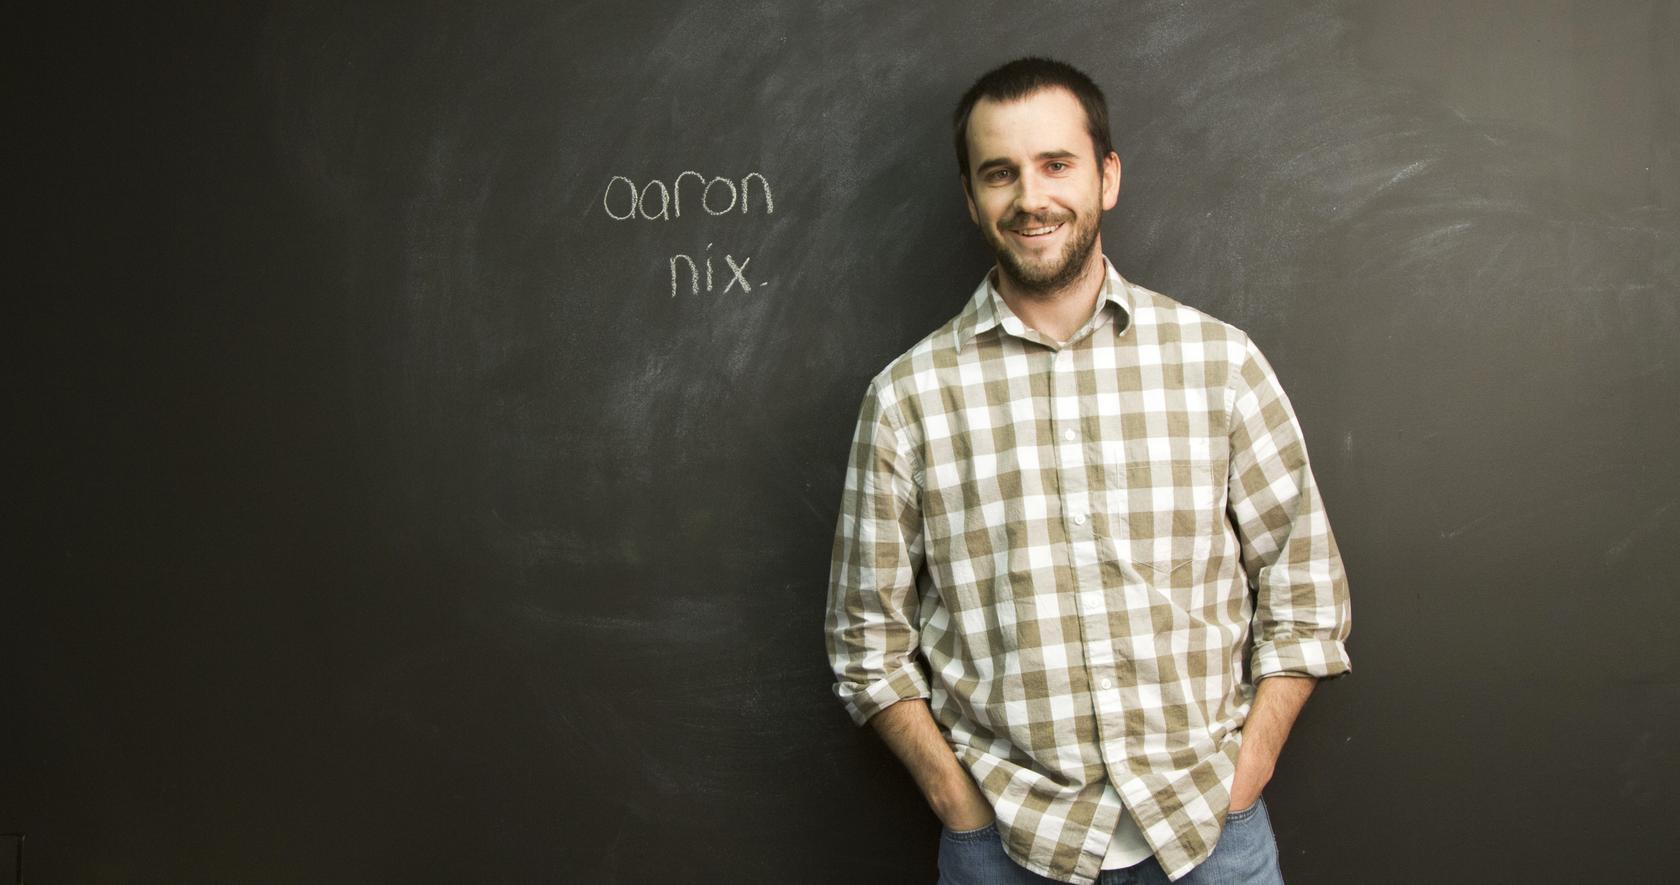 Aaron Nix